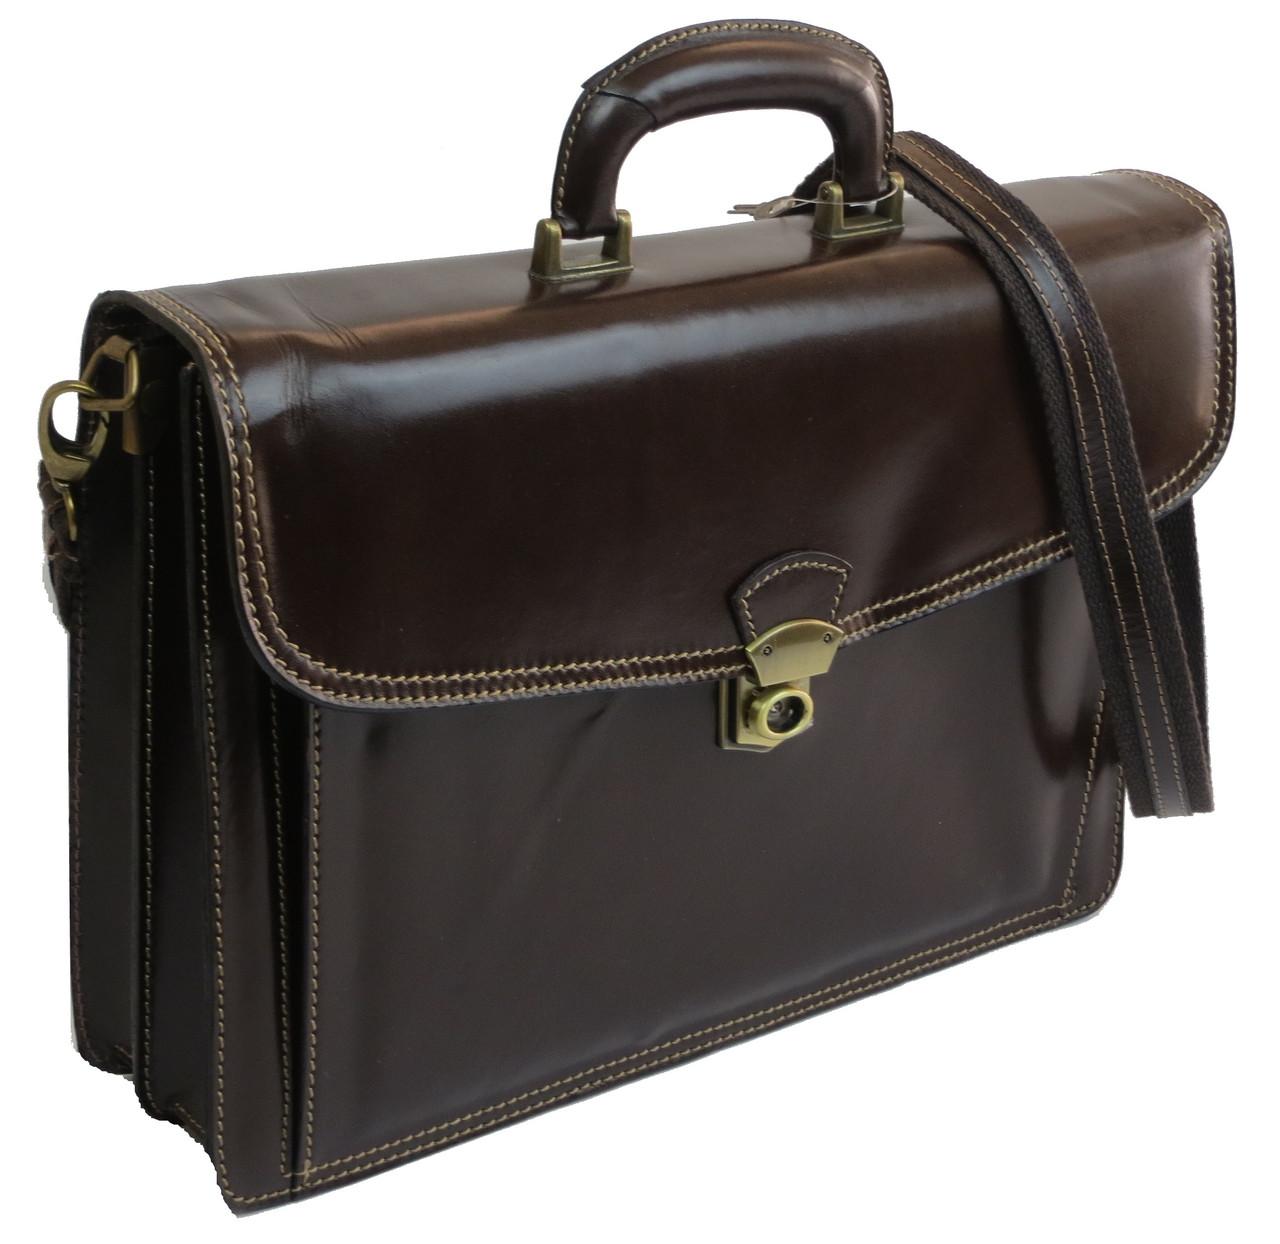 82796527374b Элегантный кожаный мужской портфель TOMSKOR 81562 коричневый - SUPERSUMKA  интернет магазин в Киеве